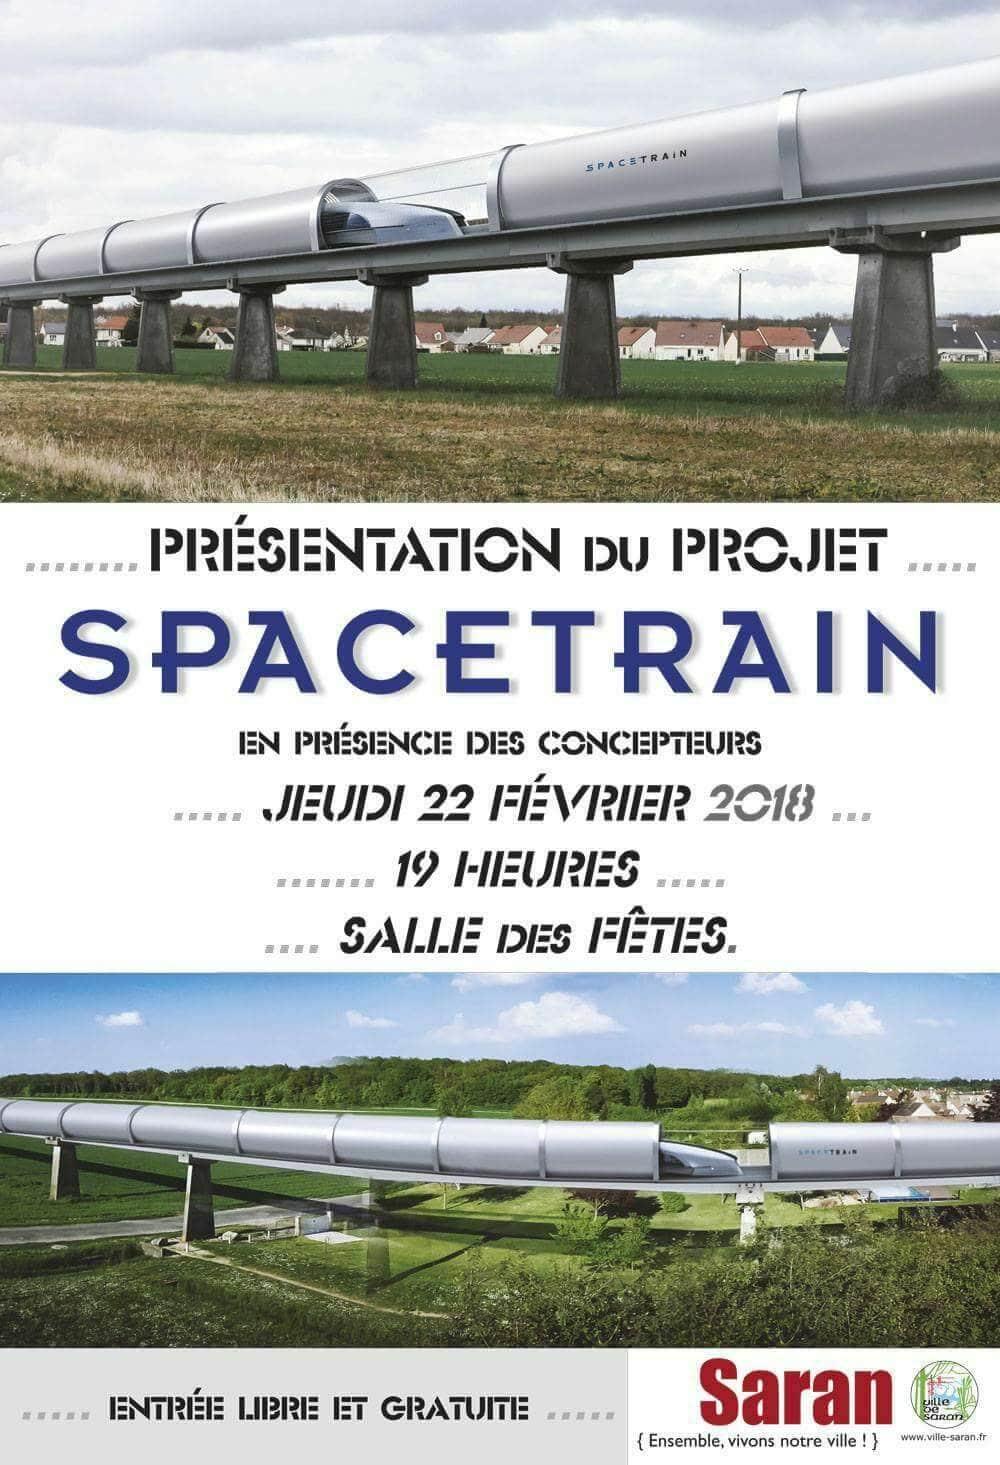 SpaceTrain, 36 mois pour faire revivre l'Aérotrain 14